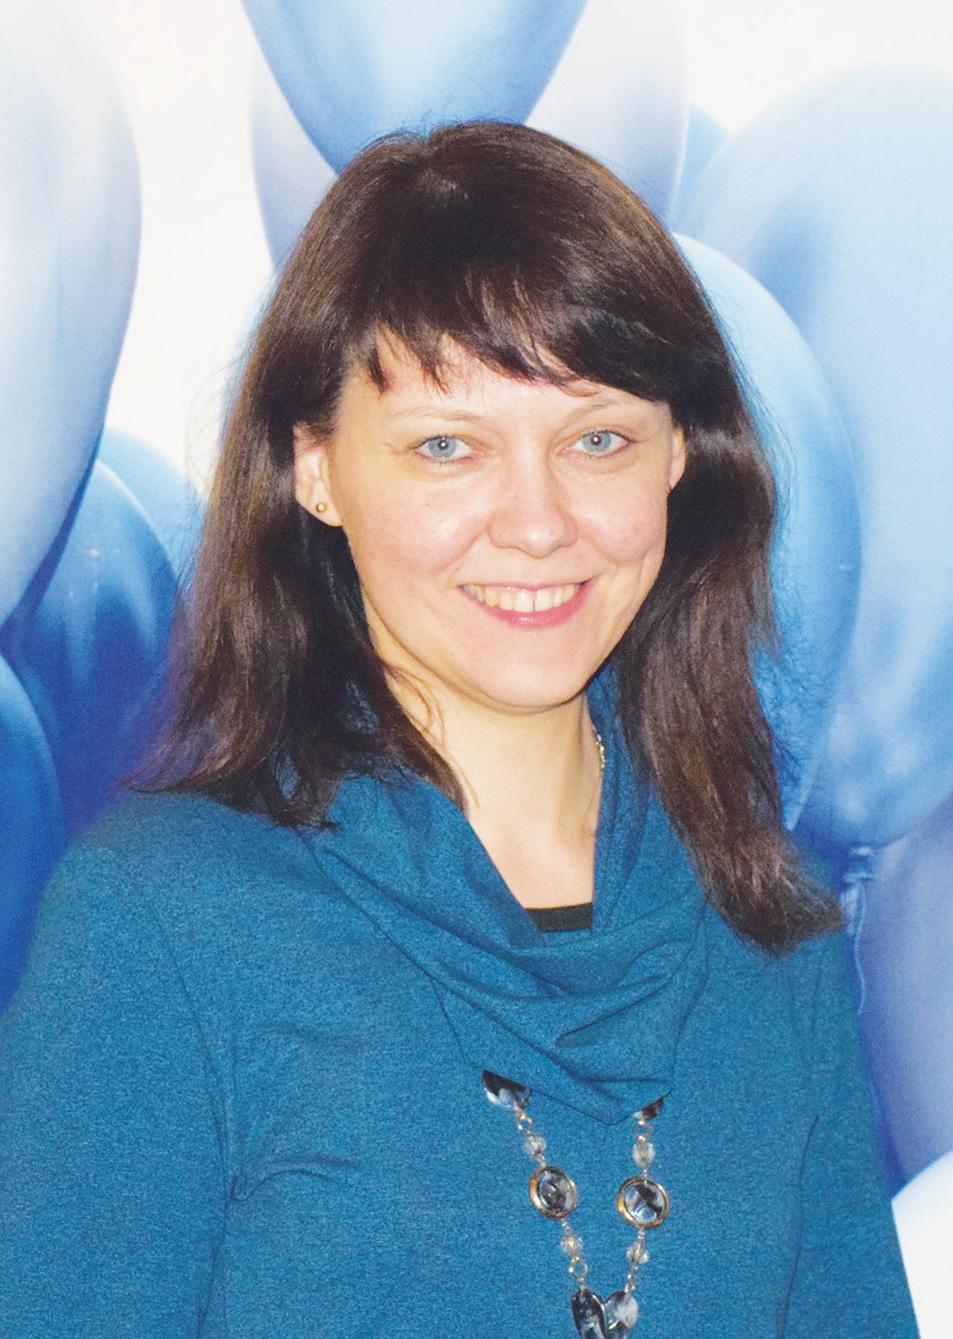 """Kėdainių """"Aušros"""" progimnazijos anglų kalbos mokytoja Ingrida Neliupšienė tai tik patvirtina. Ji tikina, kad nekantriai laukia to laiko, kai su vaikais galės vėl rašyti ilgus laiškus Santa Klausui. Asmeninio archyvo nuotr."""